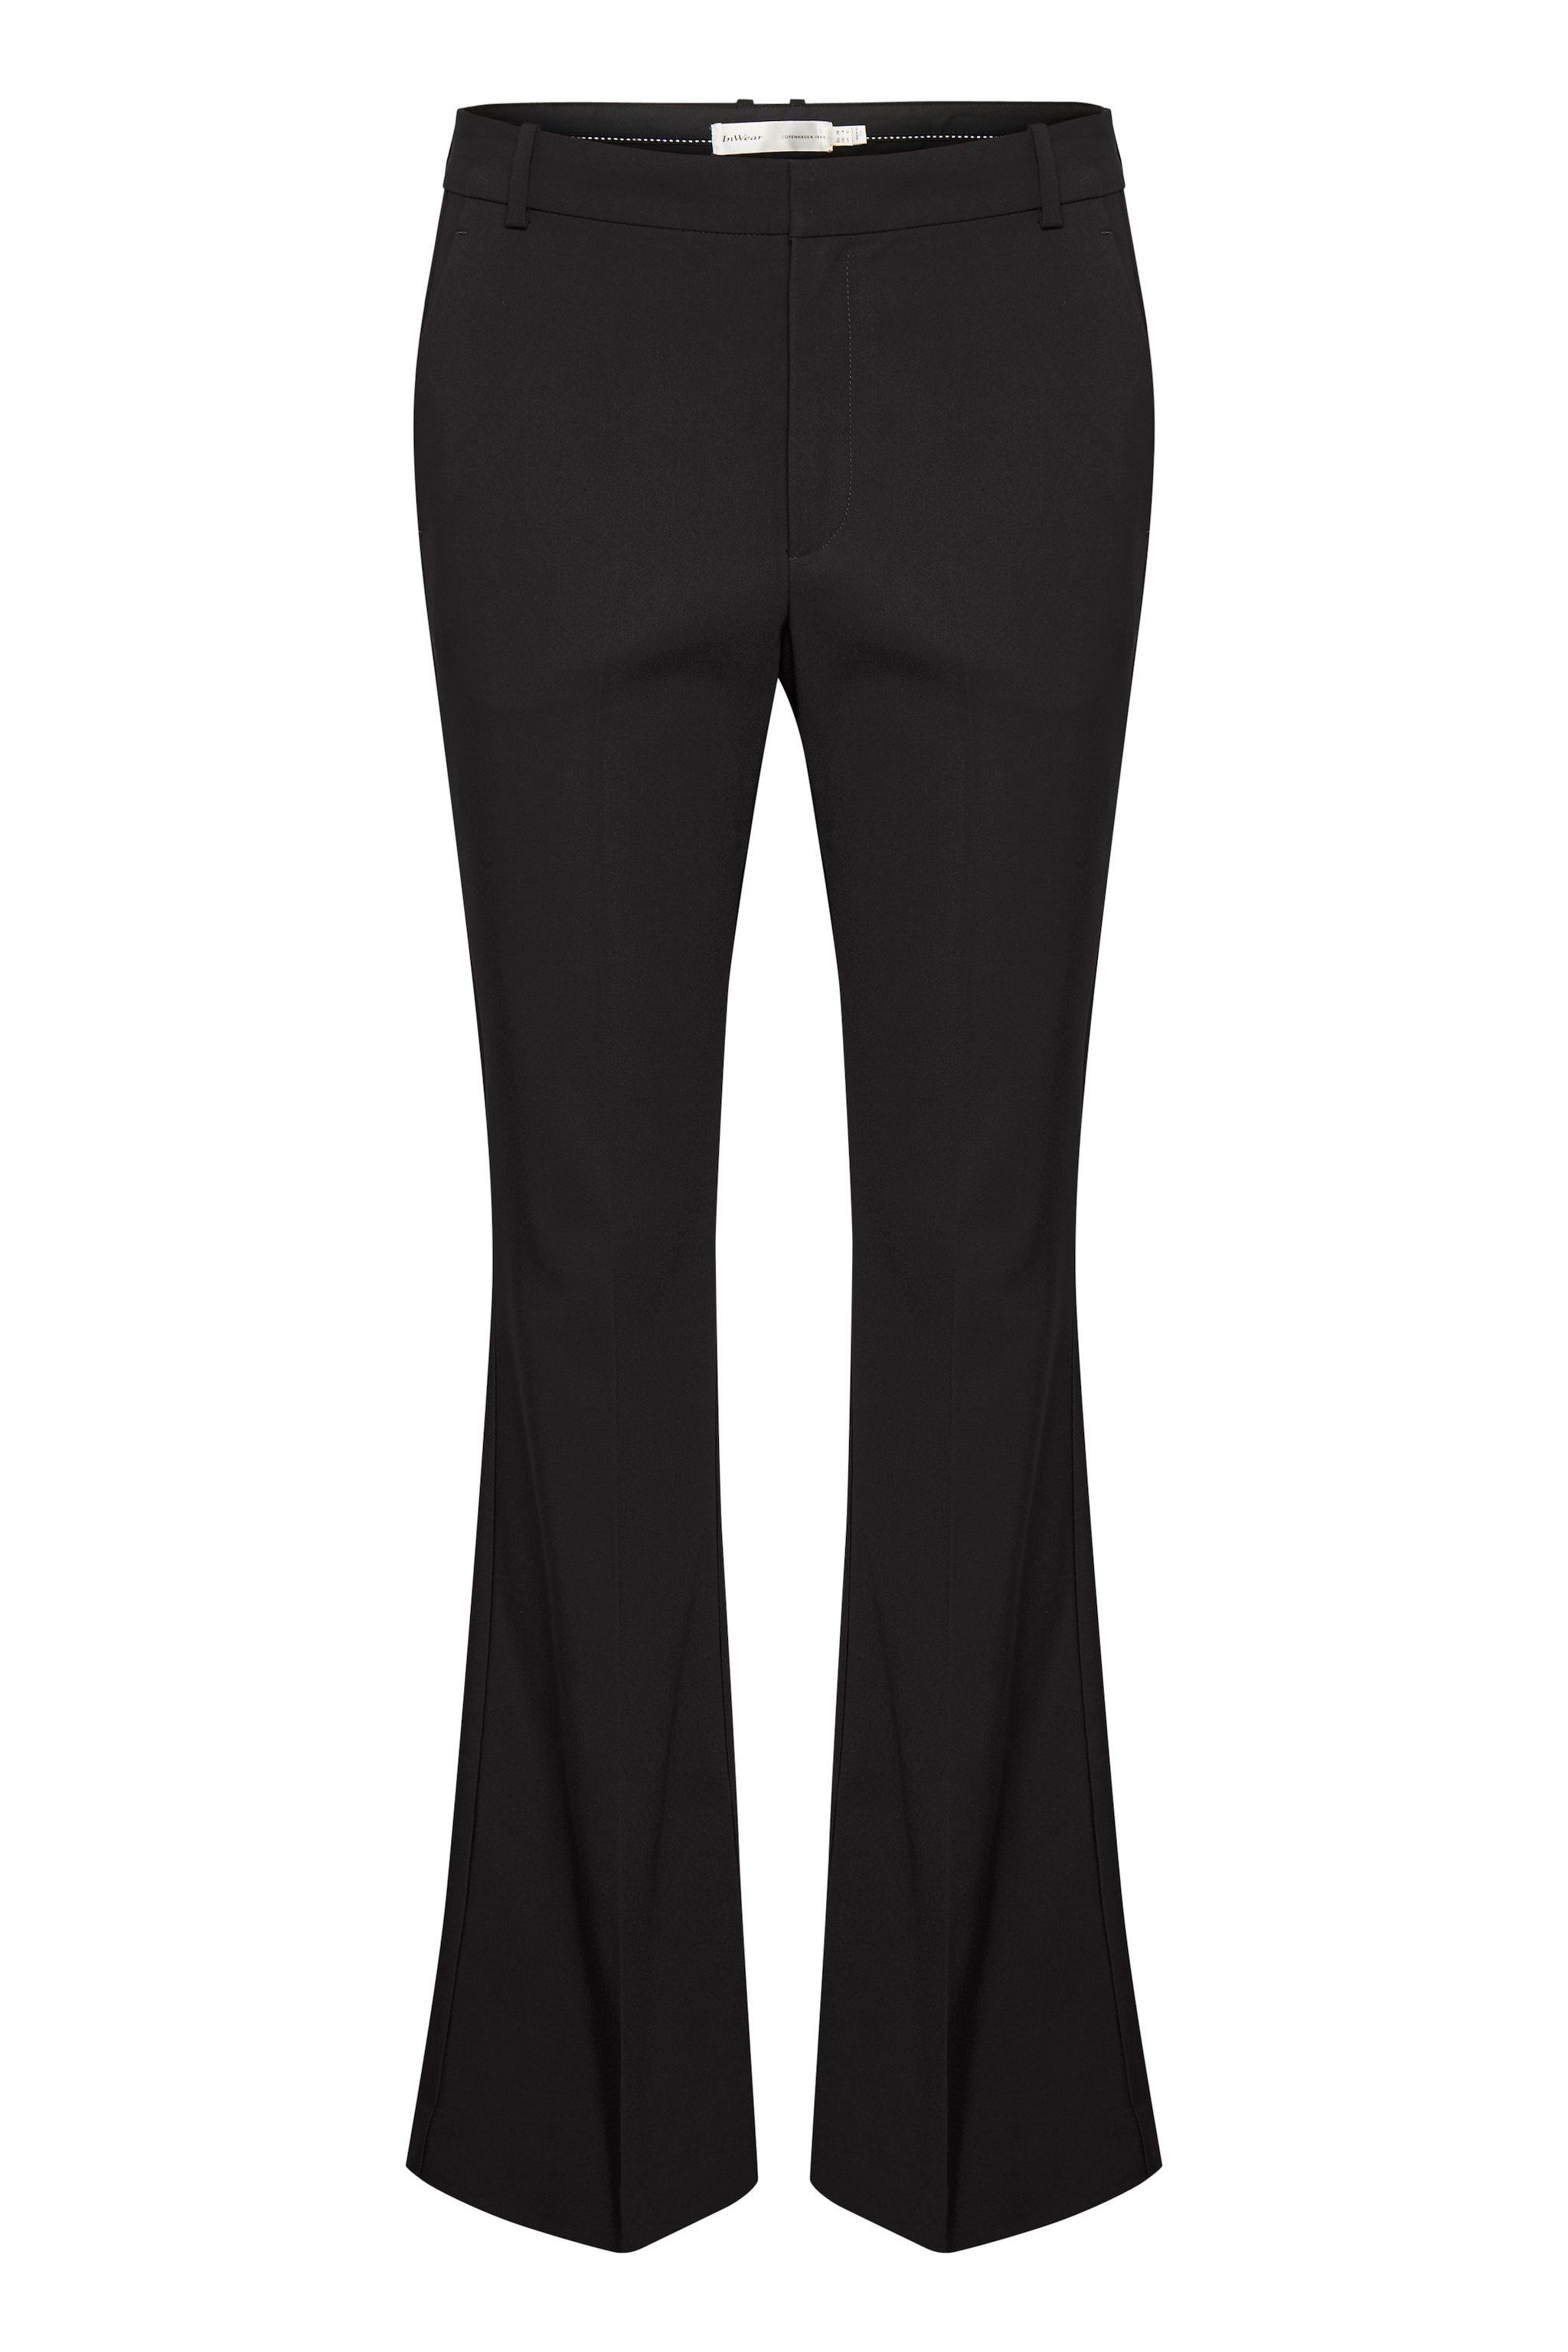 InWear Zella bukser